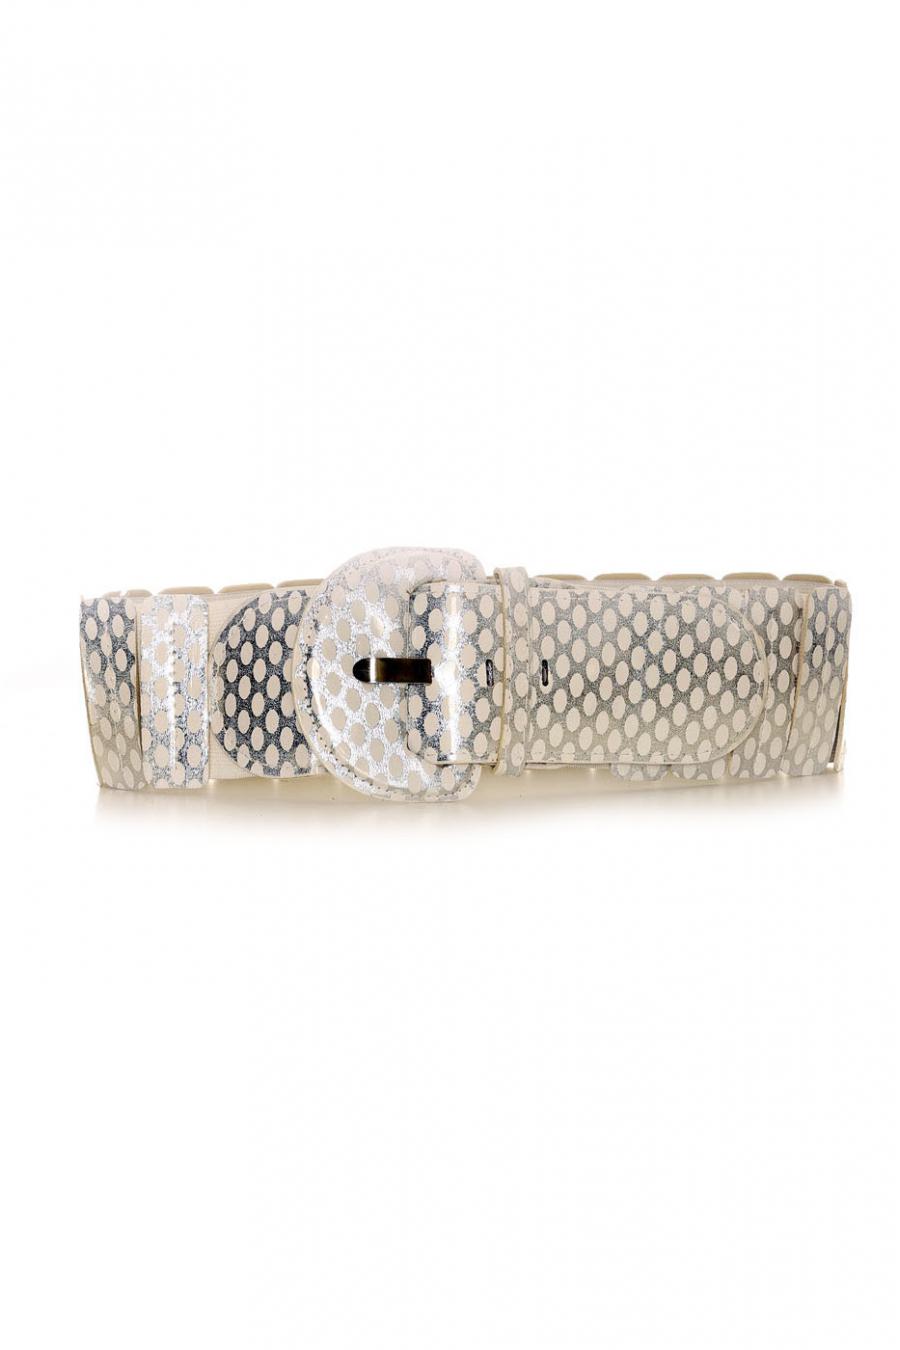 Elastische riem Wit en zilver - BG - P045